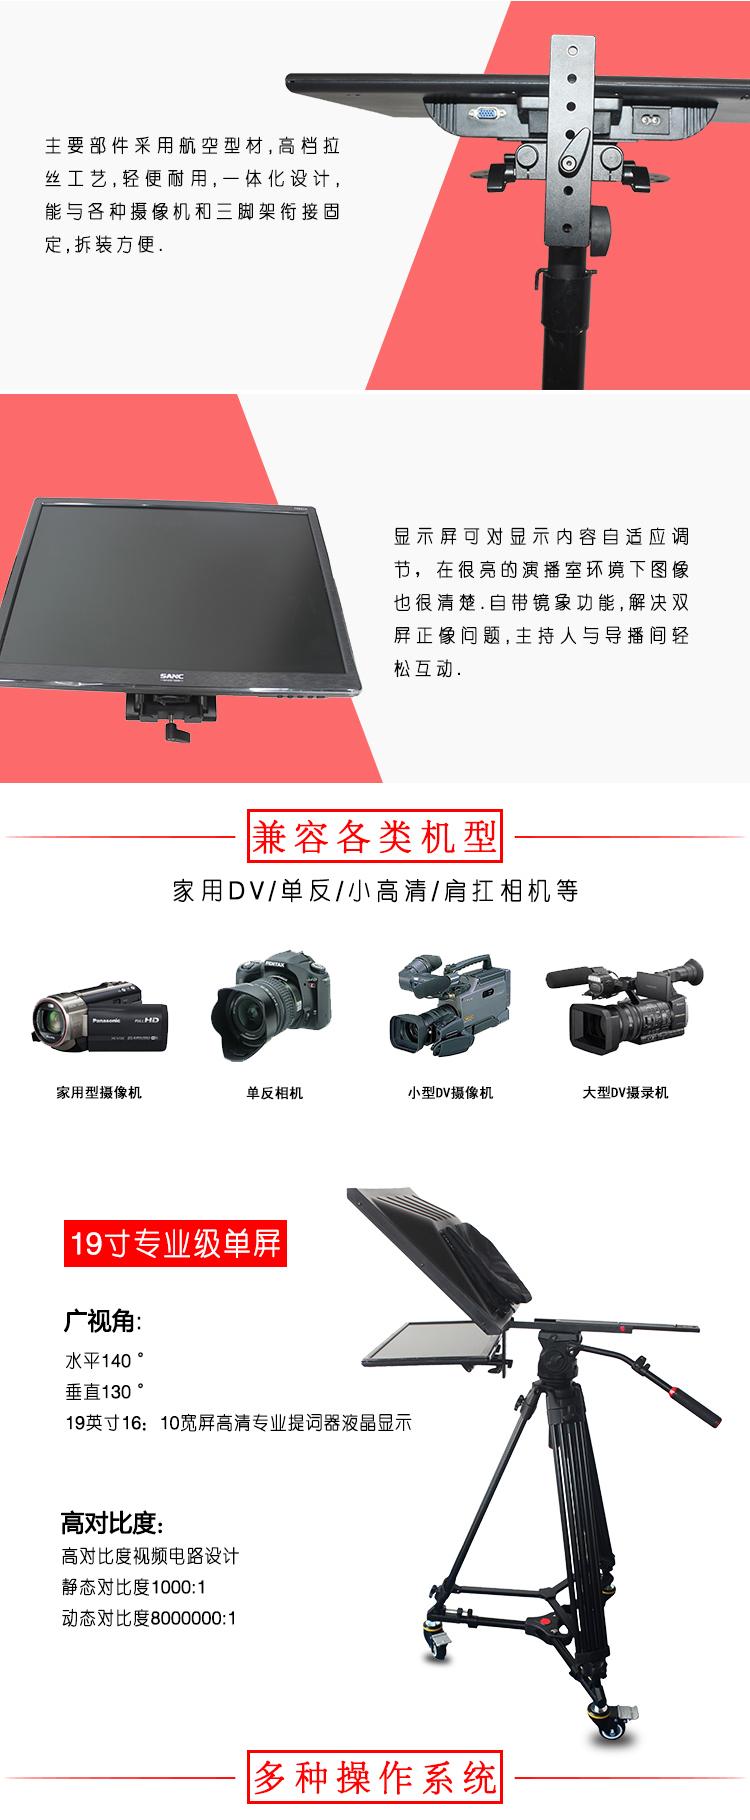 TY19FC寸专业型单屏提词器(图2)